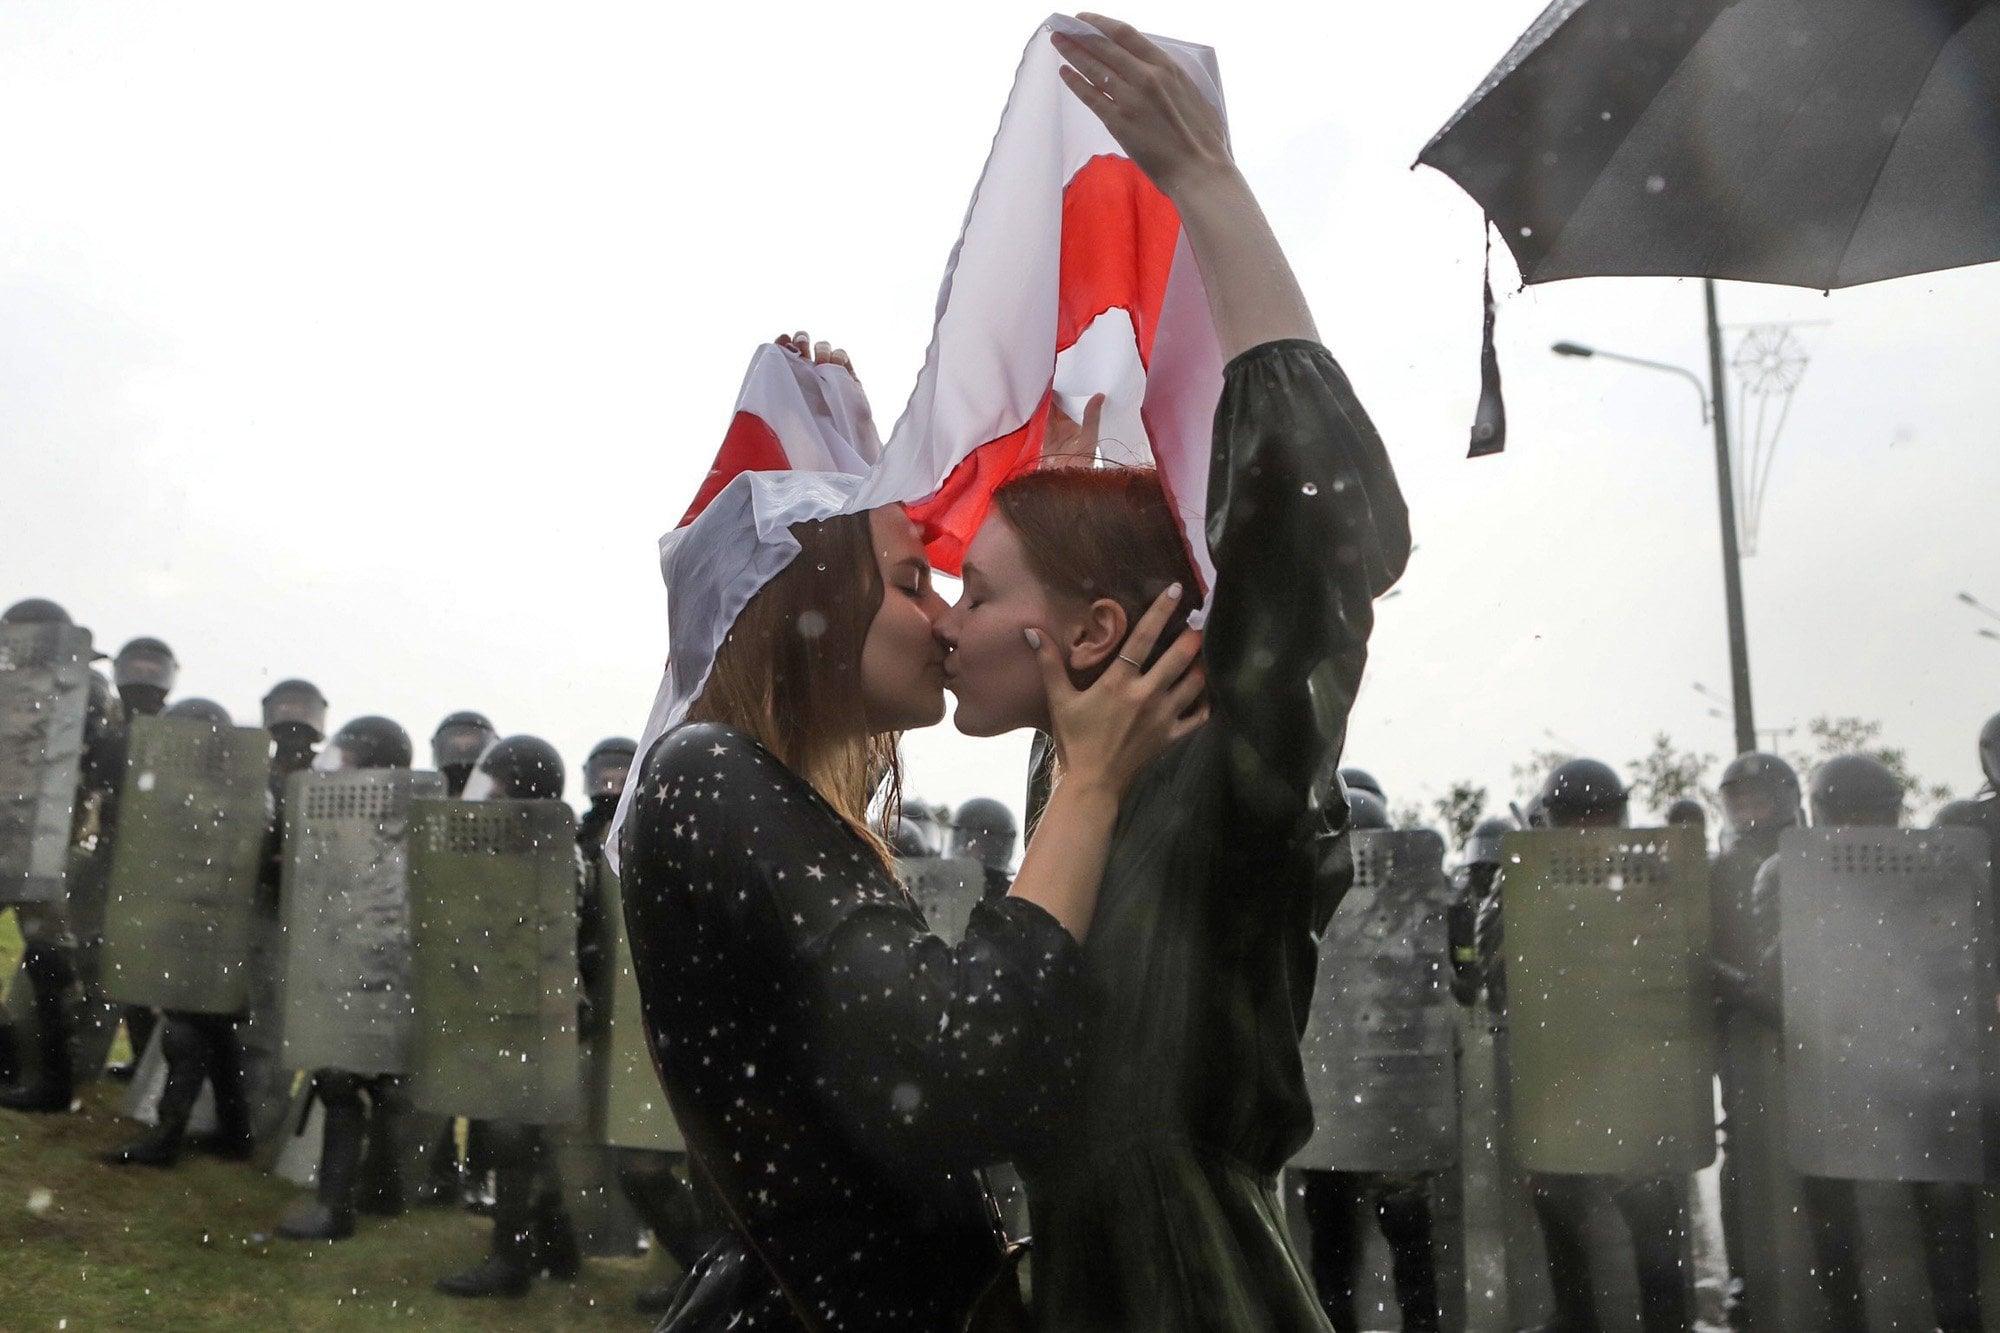 девушки целуются на работе